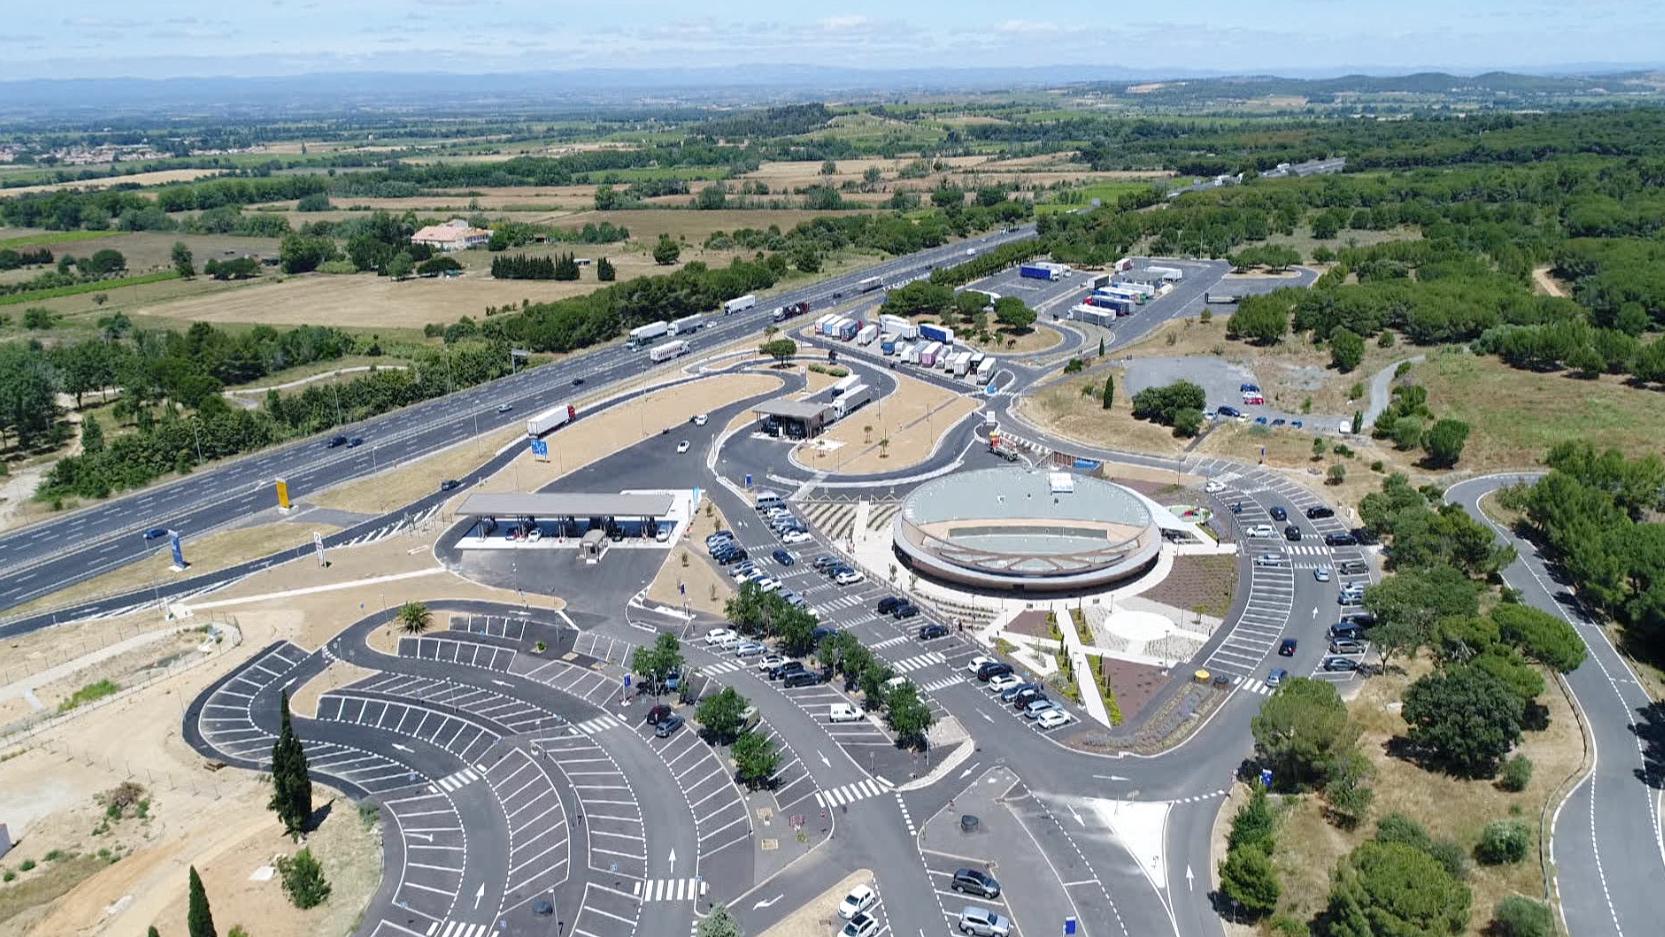 Loisirs et shopping : le nouveau pari des aires d'autoroute